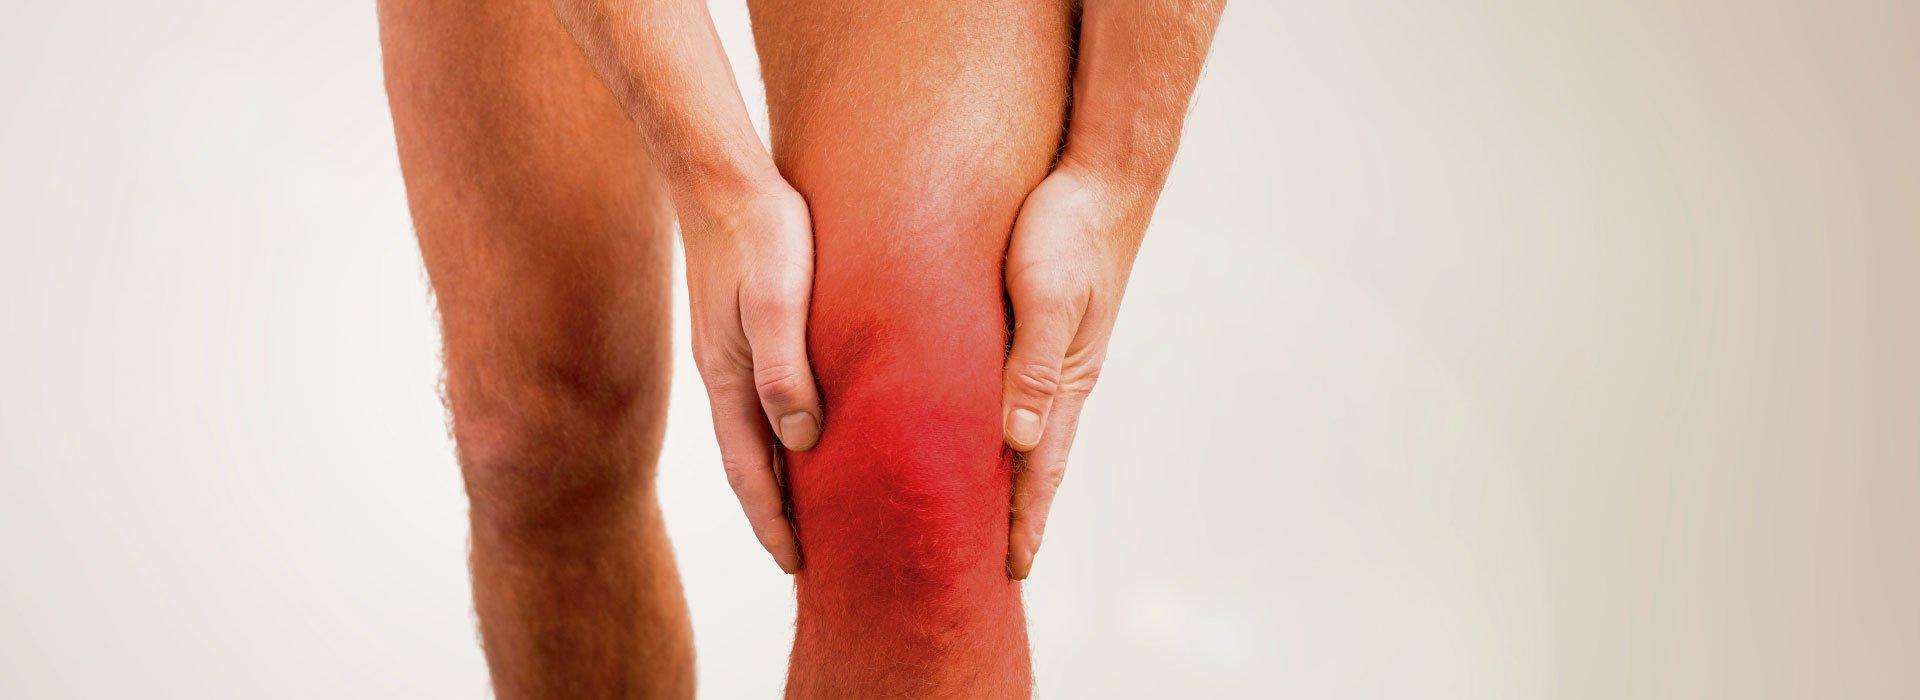 Frecând cu artroza genunchiului